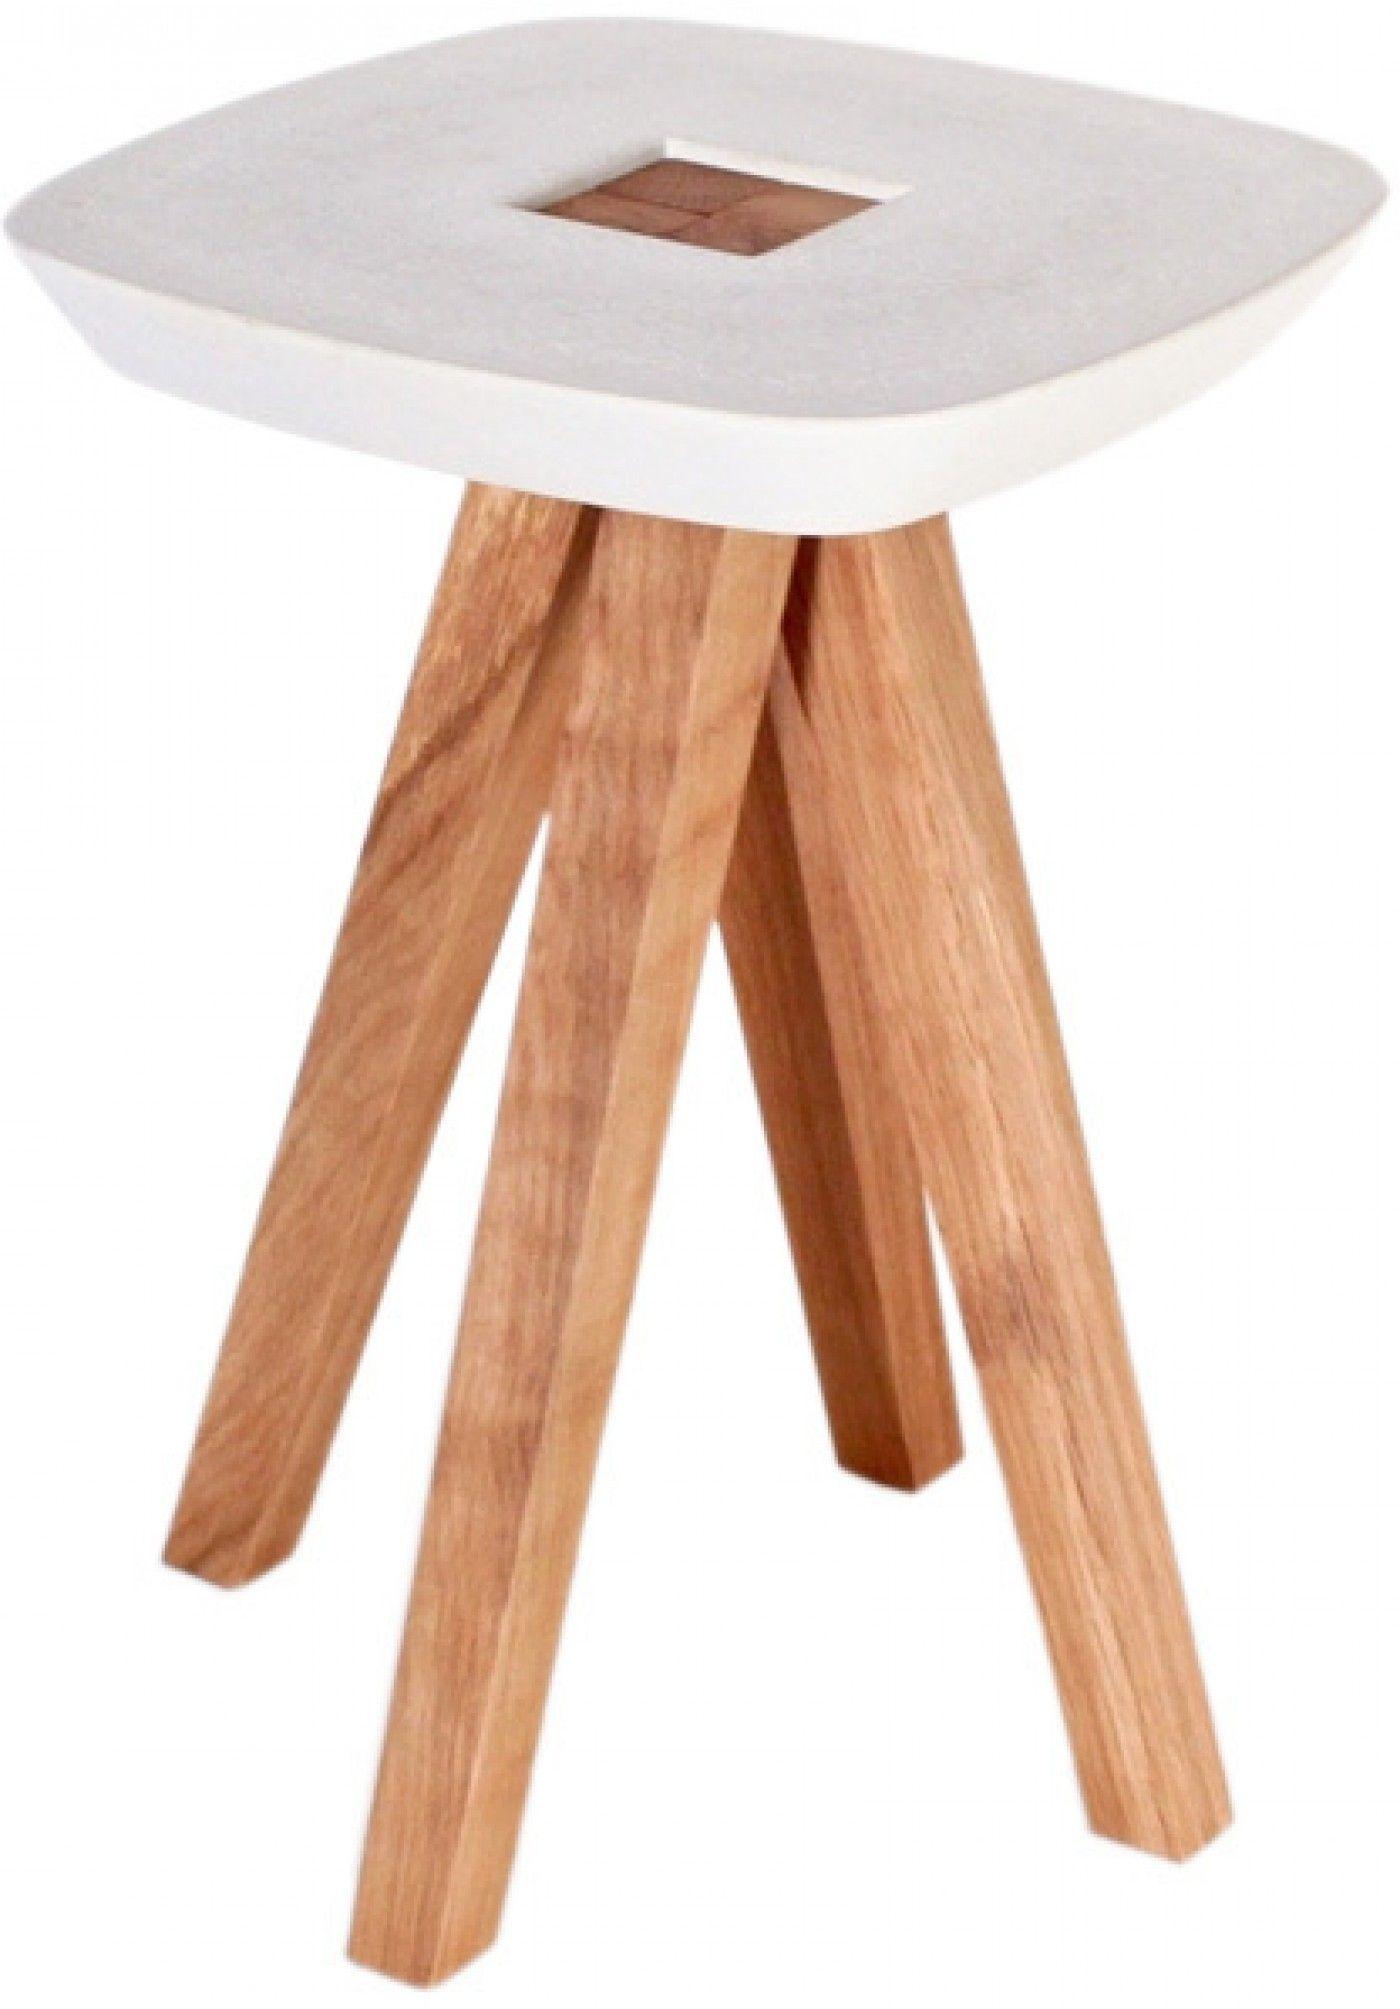 tabouret bout de canap bois bton ydin mobilier dans la maison - Bout De Canape Bois